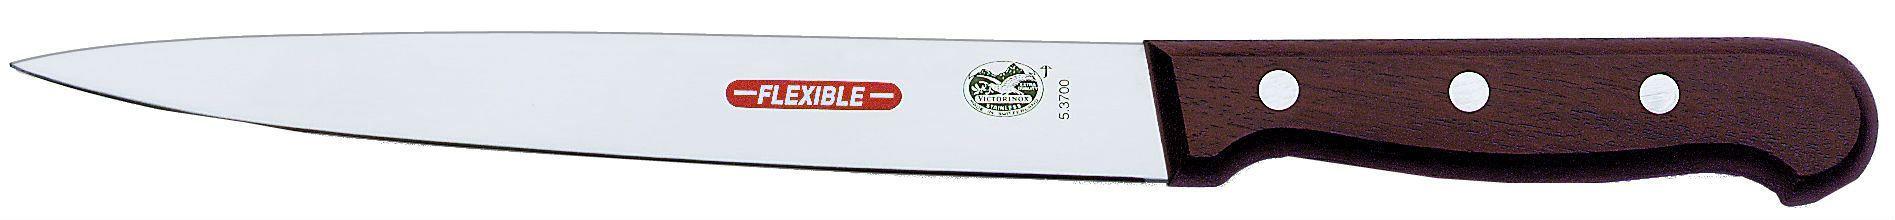 Victorinox 5.3700.20 - нож филейный, лезвие 20 см (Brown)Кухонные ножи, ложки, вилки<br>Нож филейный<br>